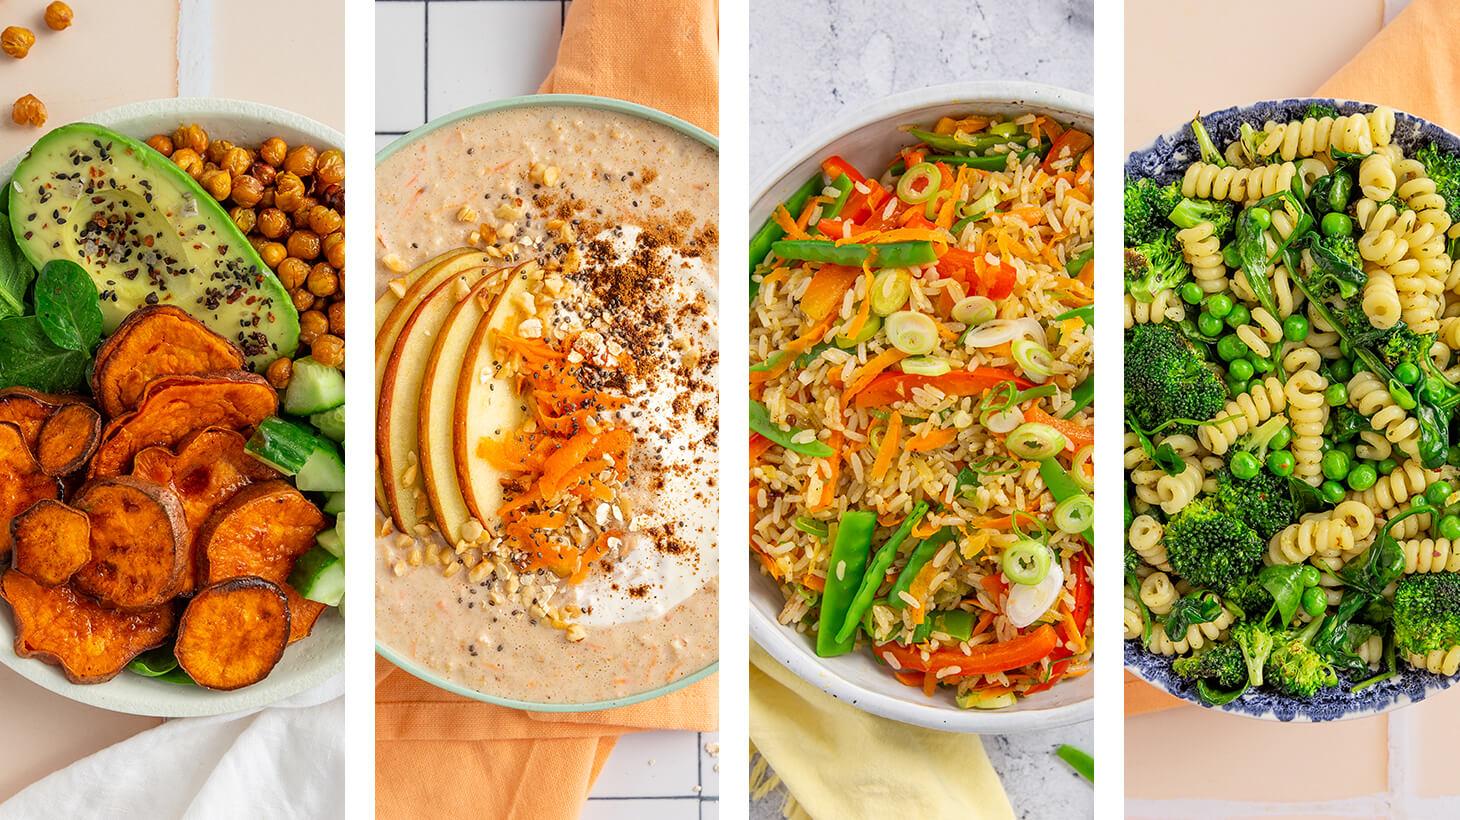 Machs einfach lecker: 4 Wege, um Deine Ernährung zu verändern